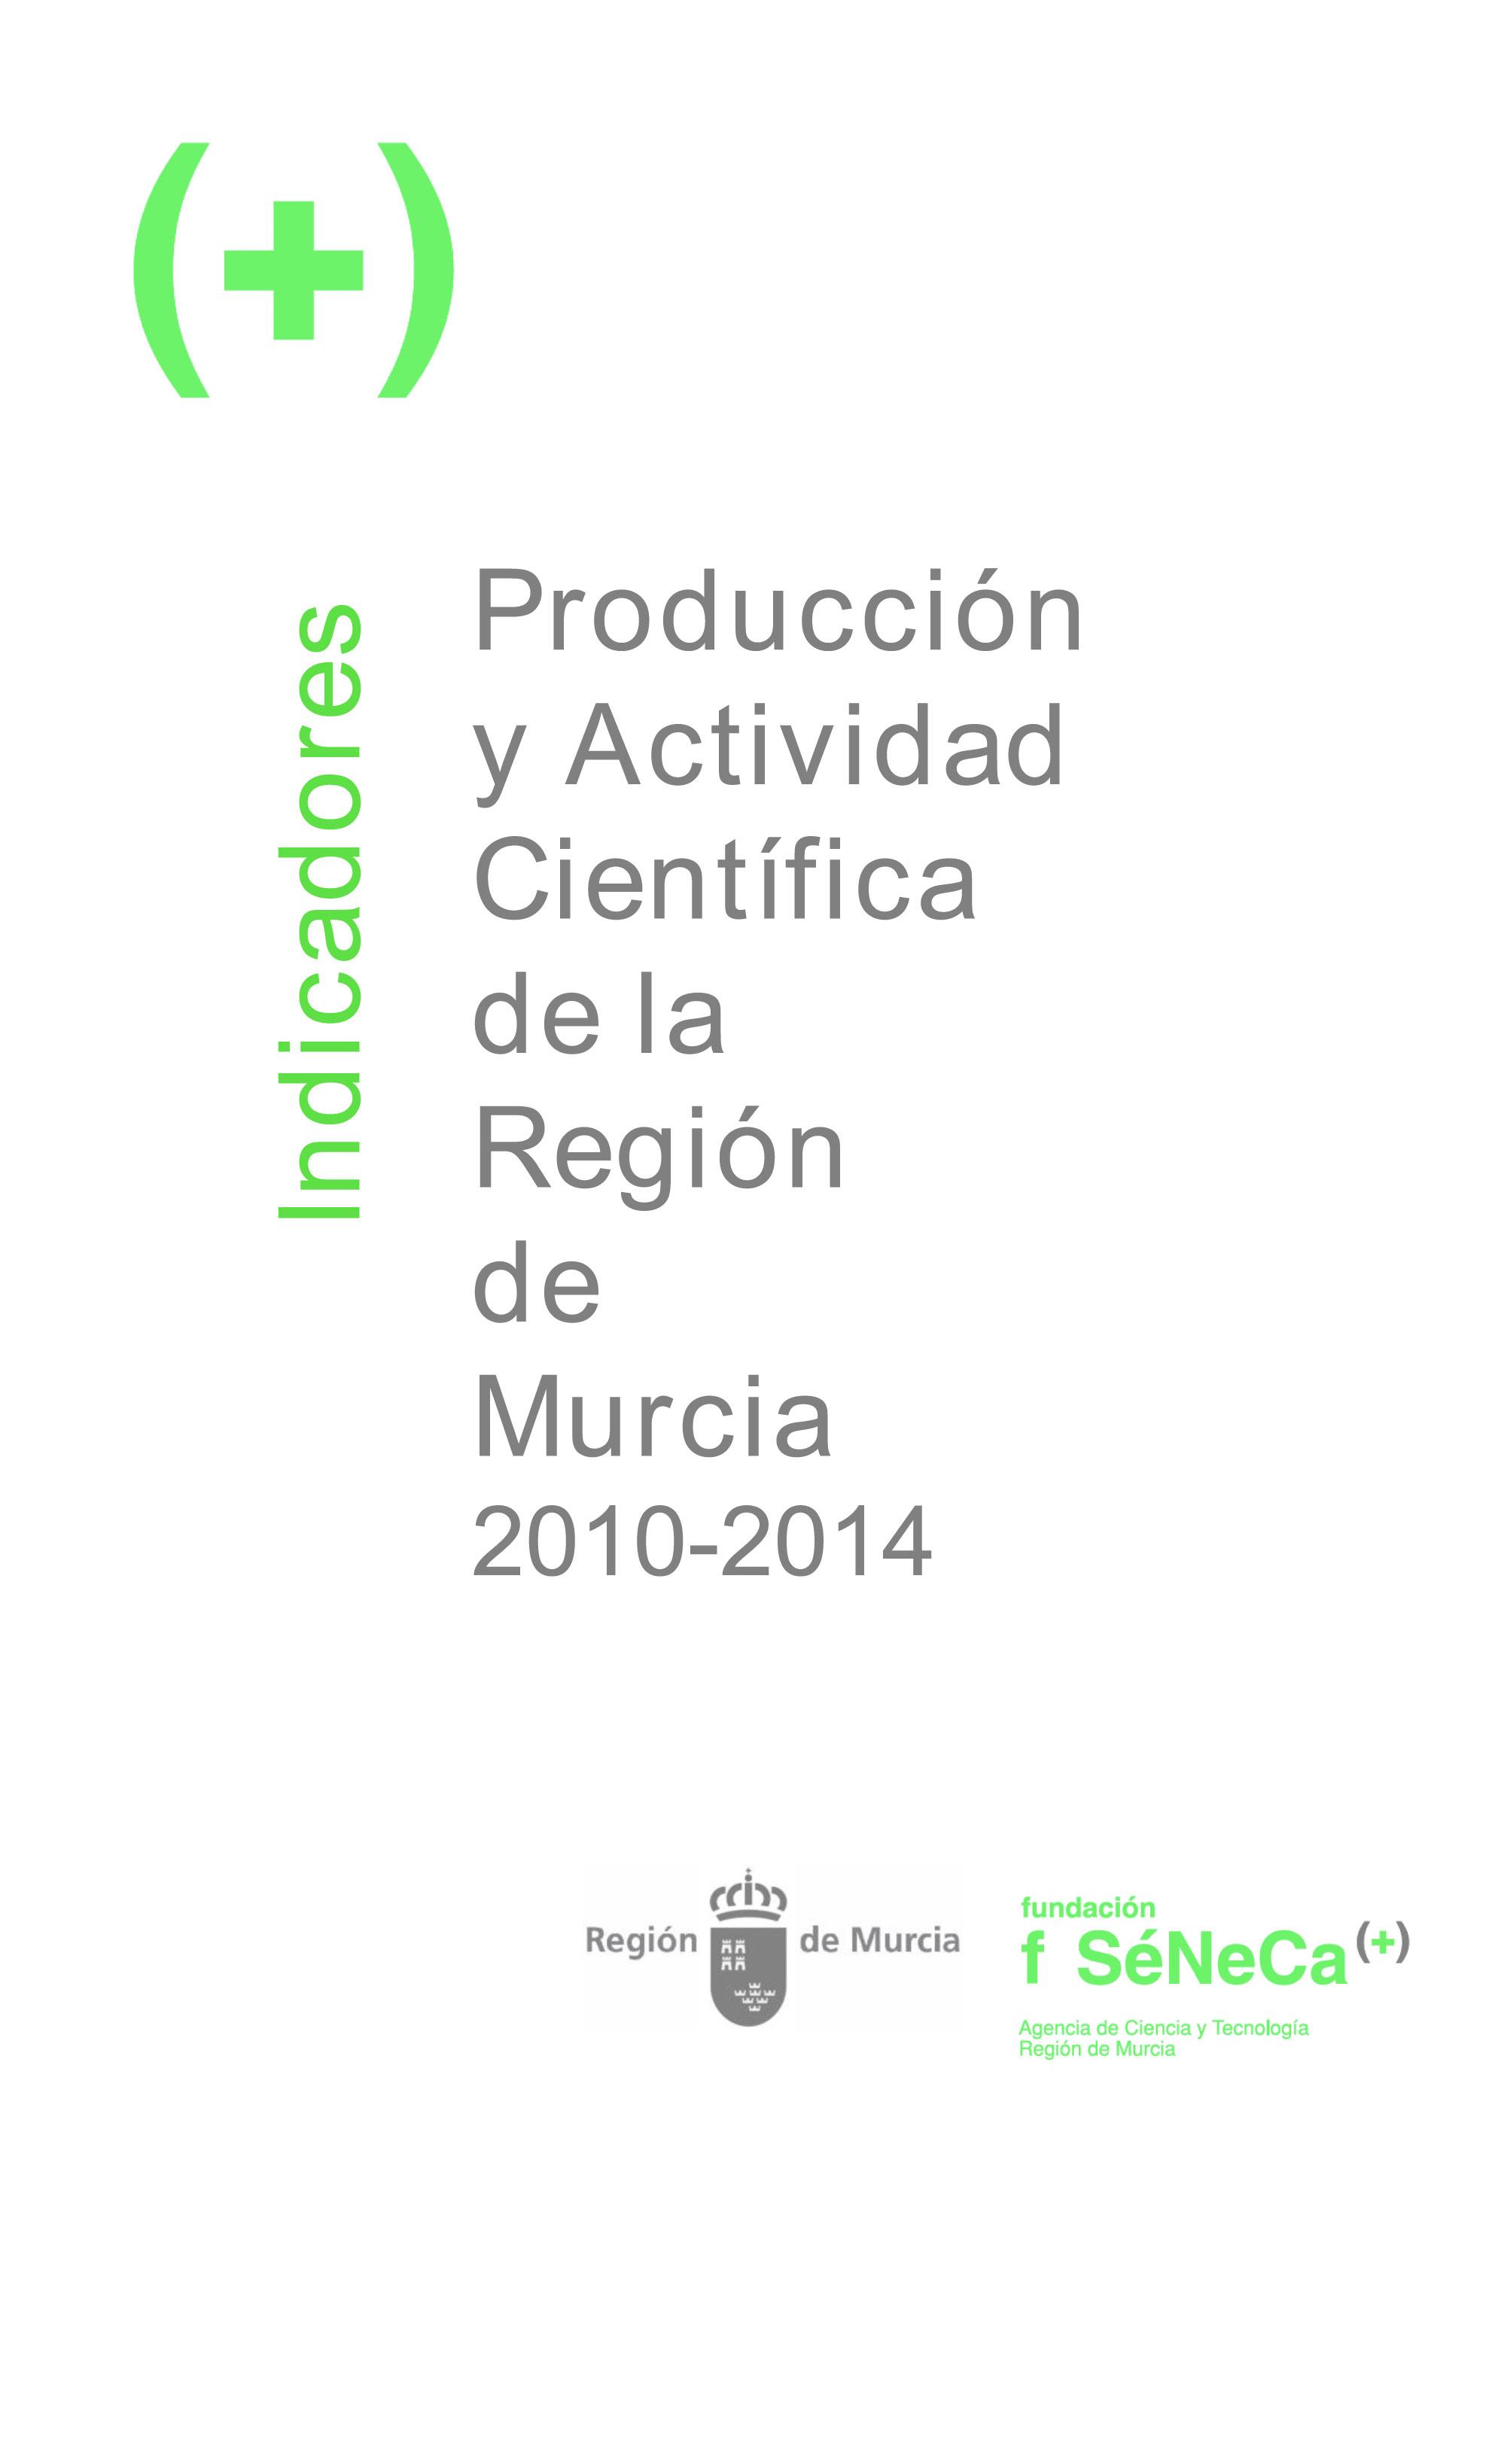 Indicadores de Producción y Actividad Científica de la Región de Murcia 2010-2014